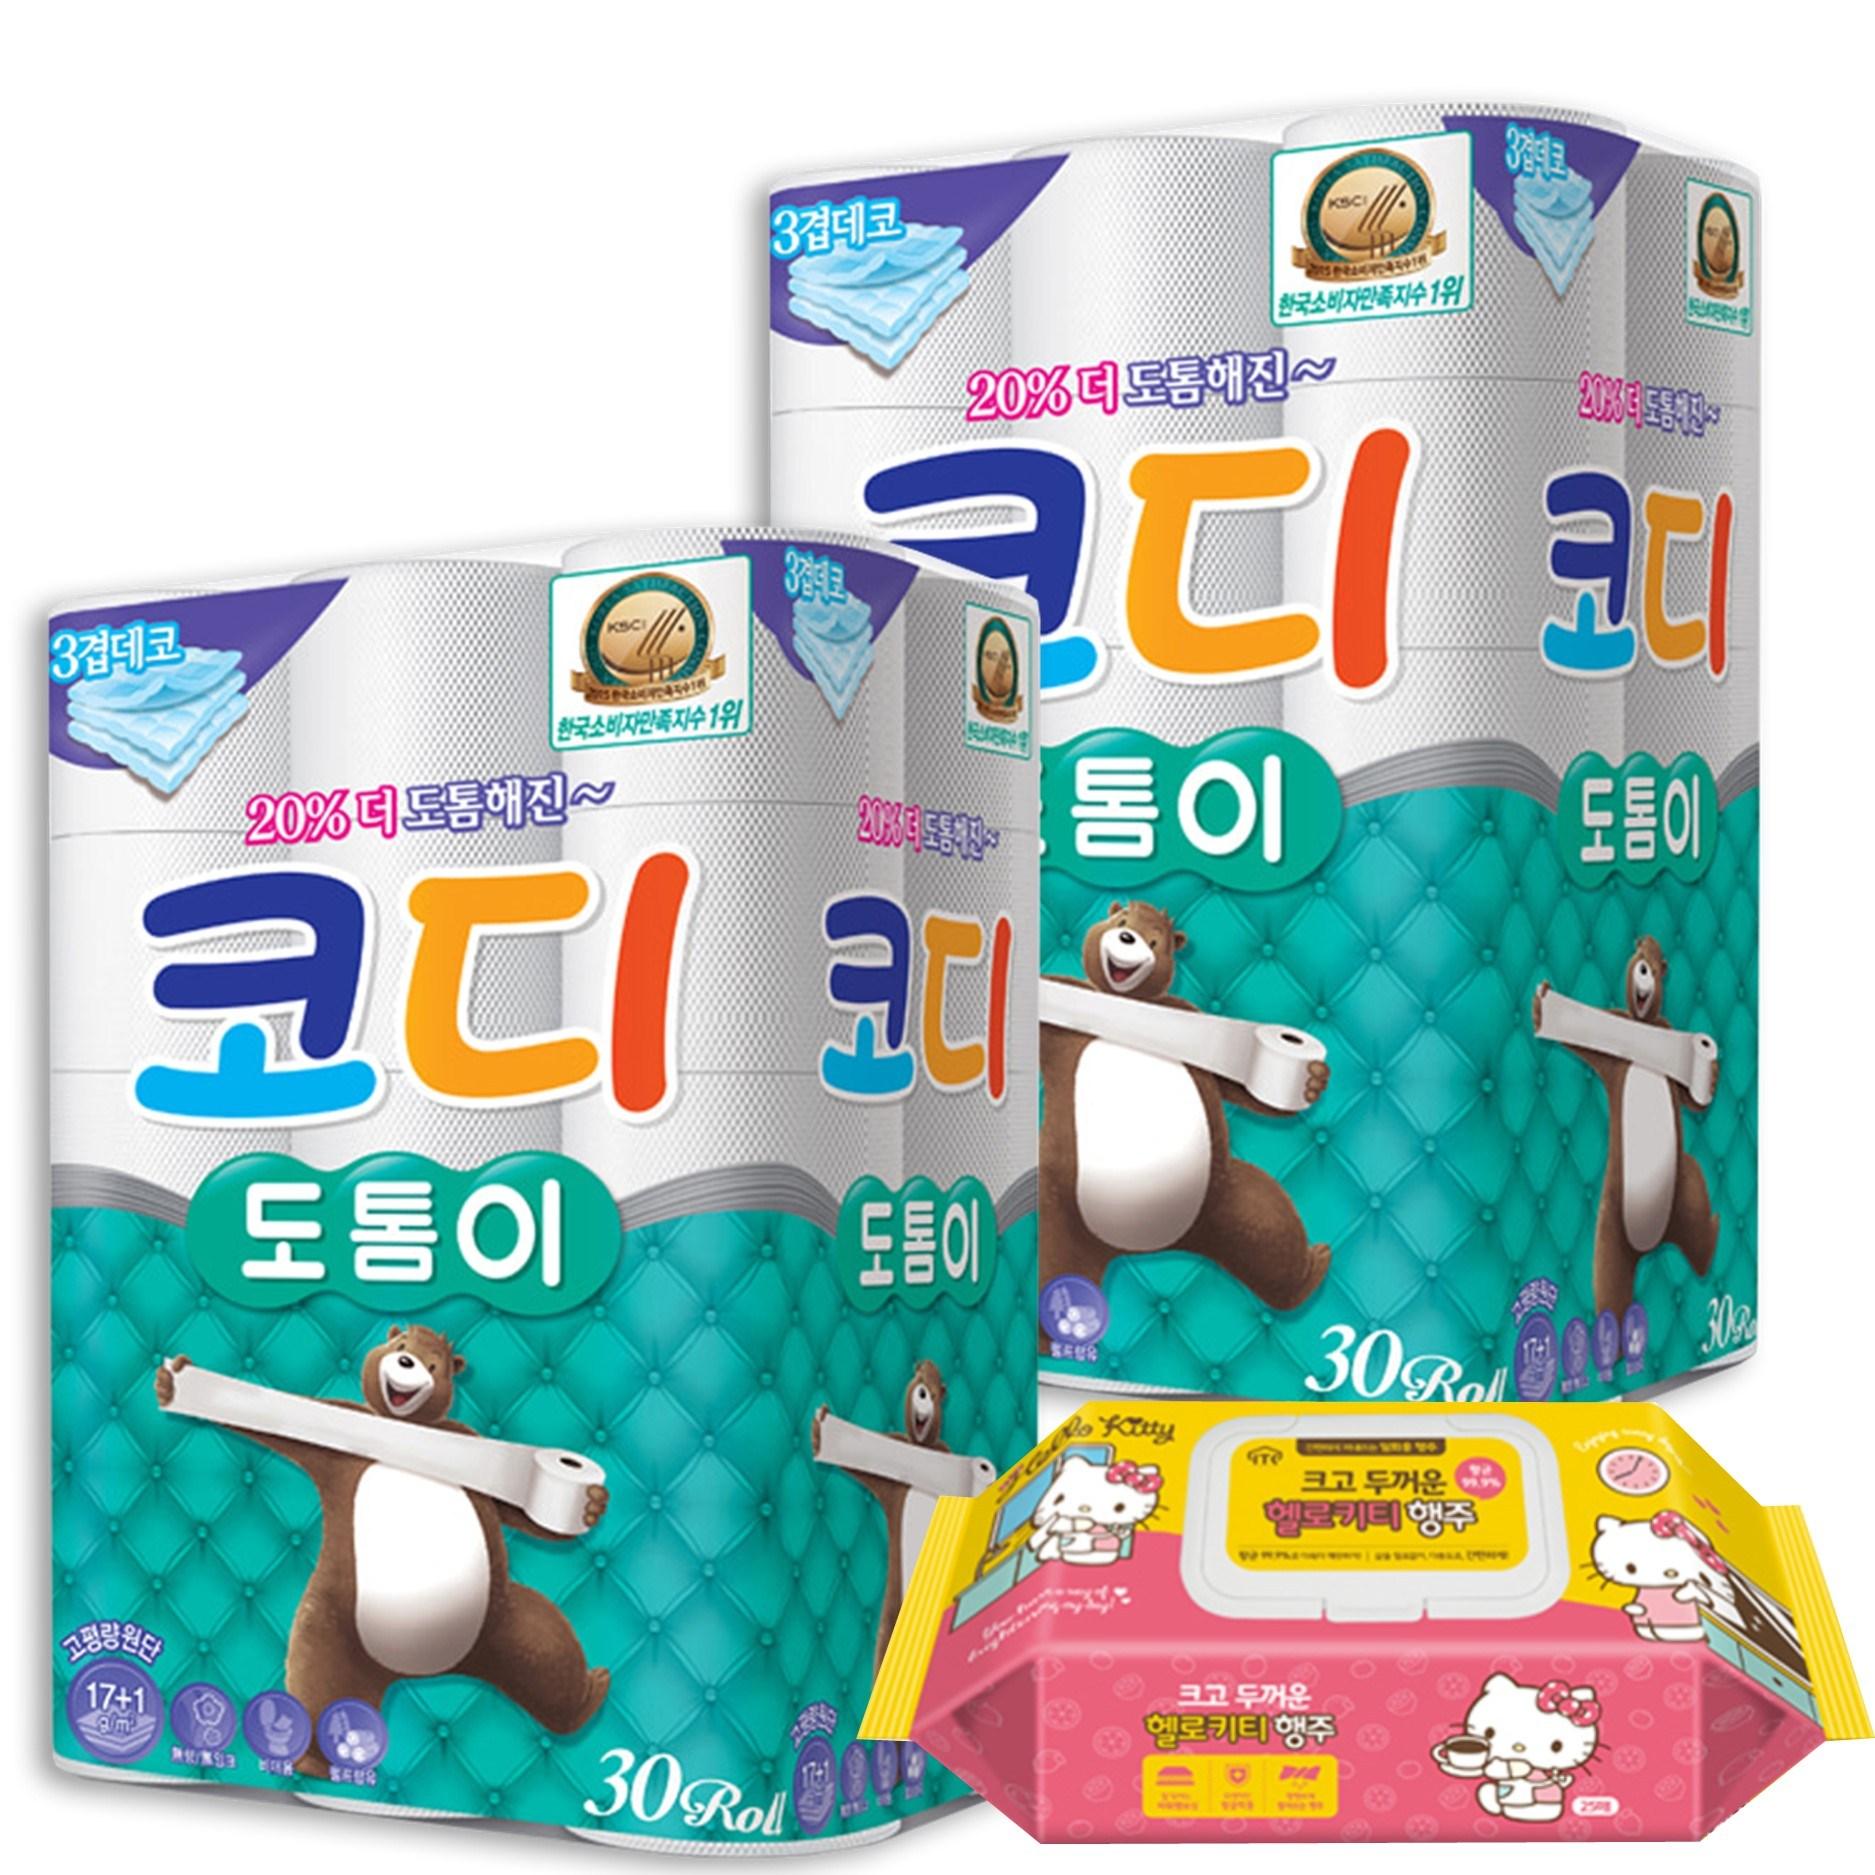 코디 도톰이 3겹 데코 30m 화장지 30롤 2팩 (총60롤) + 헬로키티 크고 두꺼운 물티슈 행주 25매 1팩 롤화장지, 1세트